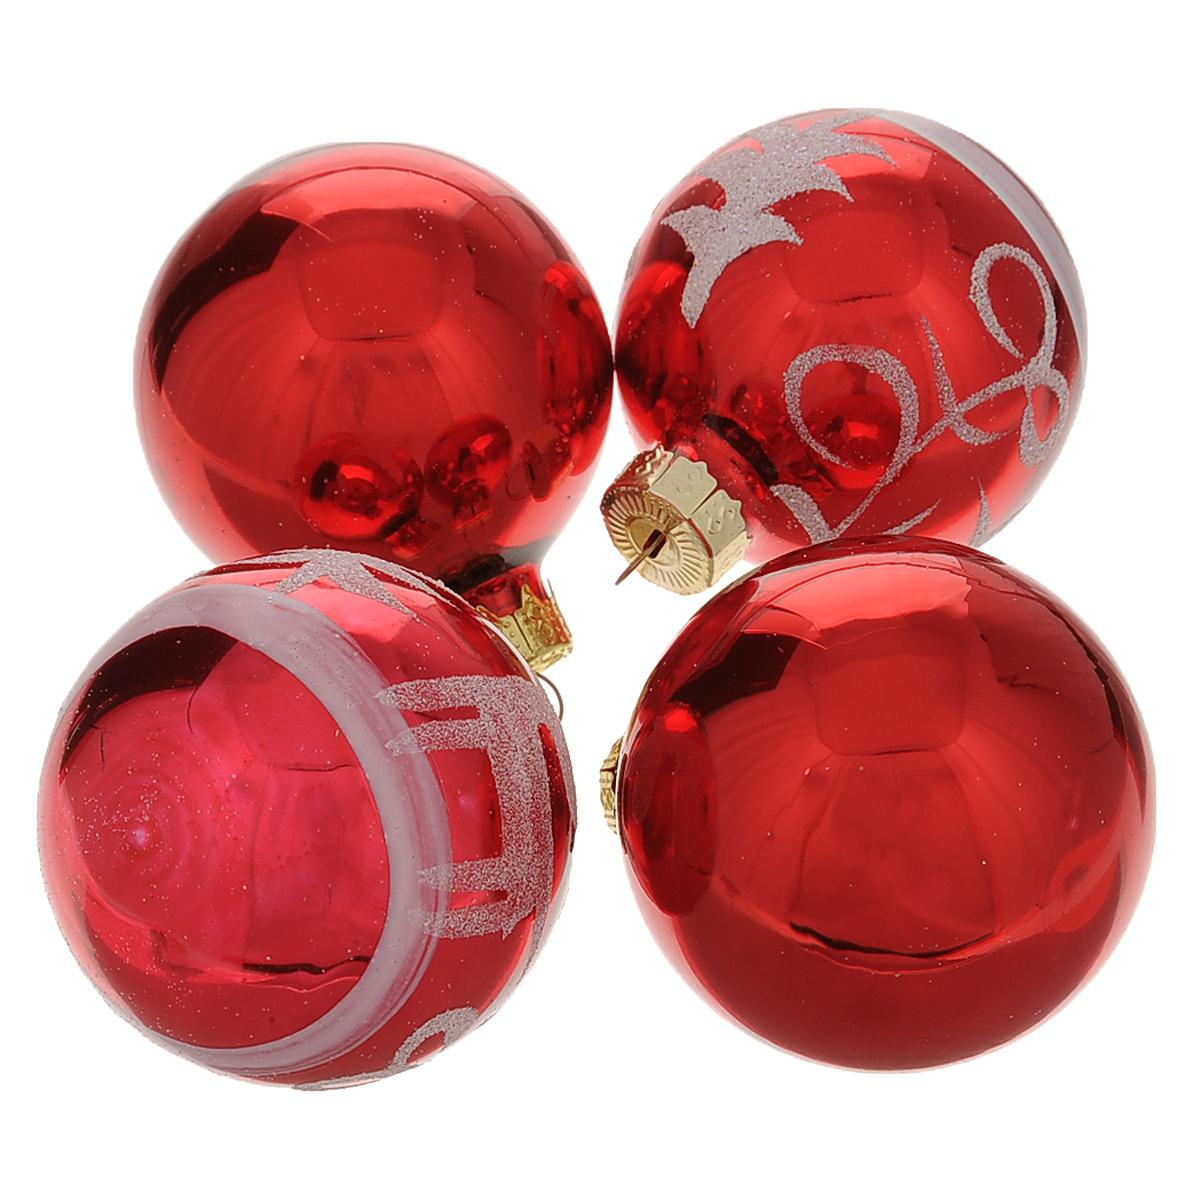 Набор новогодних подвесных украшений Шар, цвет: серебристый, красный, диаметр 6 см, 4 шт. 34485K100Набор новогодних подвесных украшений Шар прекрасно подойдет для праздничного декора новогодней ели. Состоит из четырех шаров.Елочная игрушка - символ Нового года. Она несет в себе волшебство и красоту праздника. Создайте в своем доме атмосферу веселья и радости, украшая новогоднюю елку нарядными игрушками, которые будут из года в год накапливать теплоту воспоминаний. Коллекция декоративных украшений принесет в ваш дом ни с чем несравнимое ощущение волшебства! Откройте для себя удивительный мир сказок и грез. Почувствуйте волшебные минуты ожидания праздника, создайте новогоднее настроение вашим дорогим и близким.